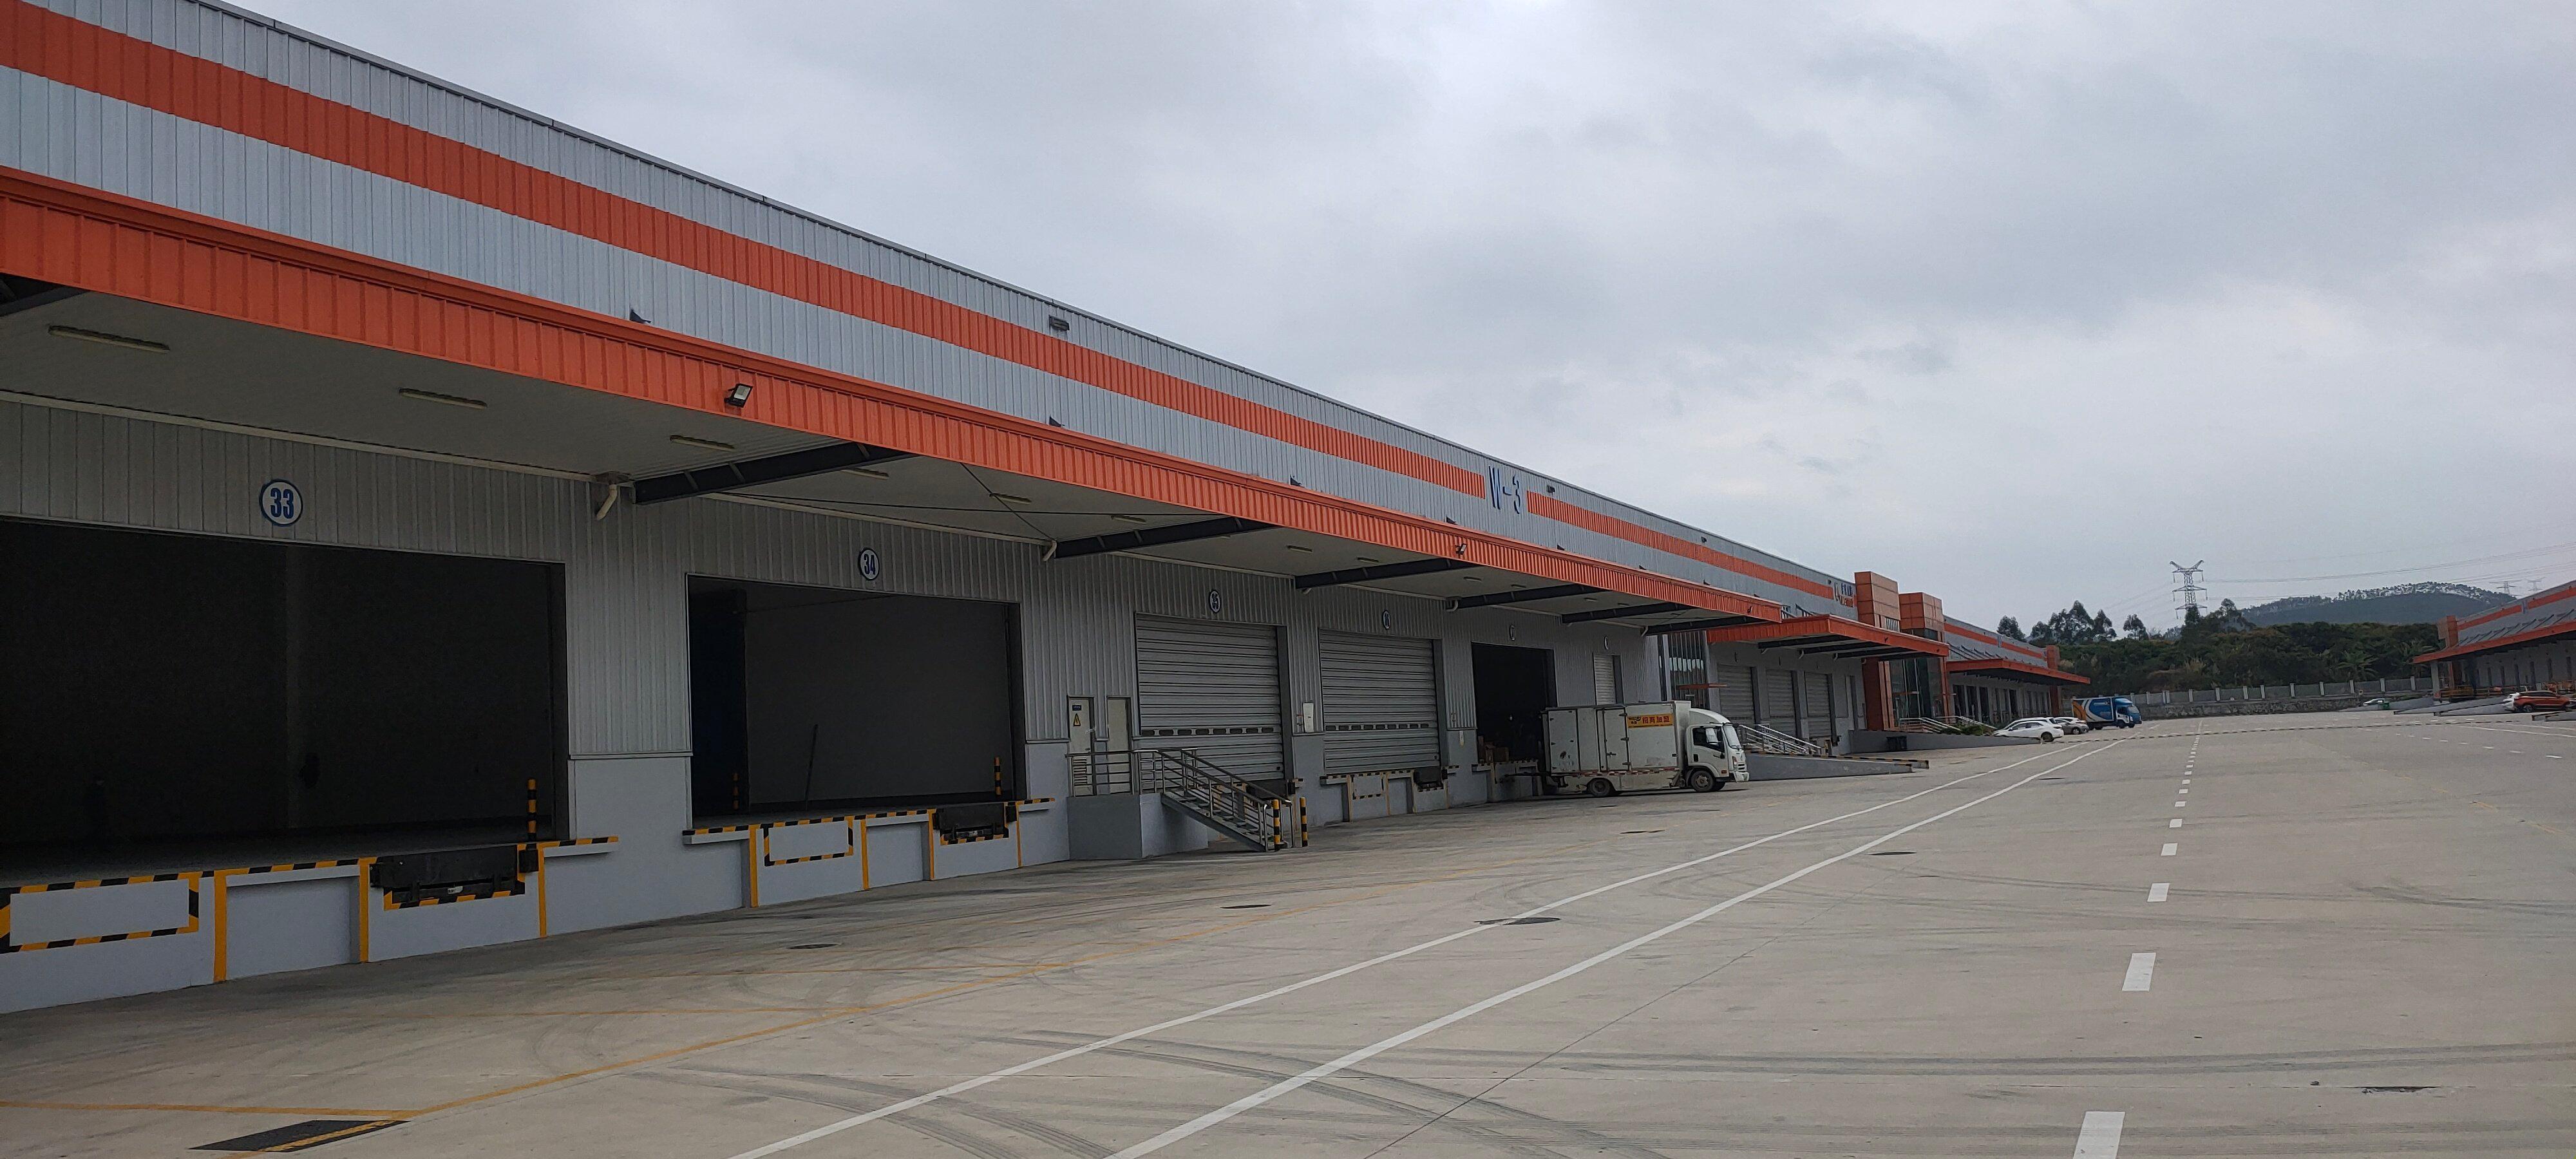 12米标准高台仓库招租丙二类喷淋消防